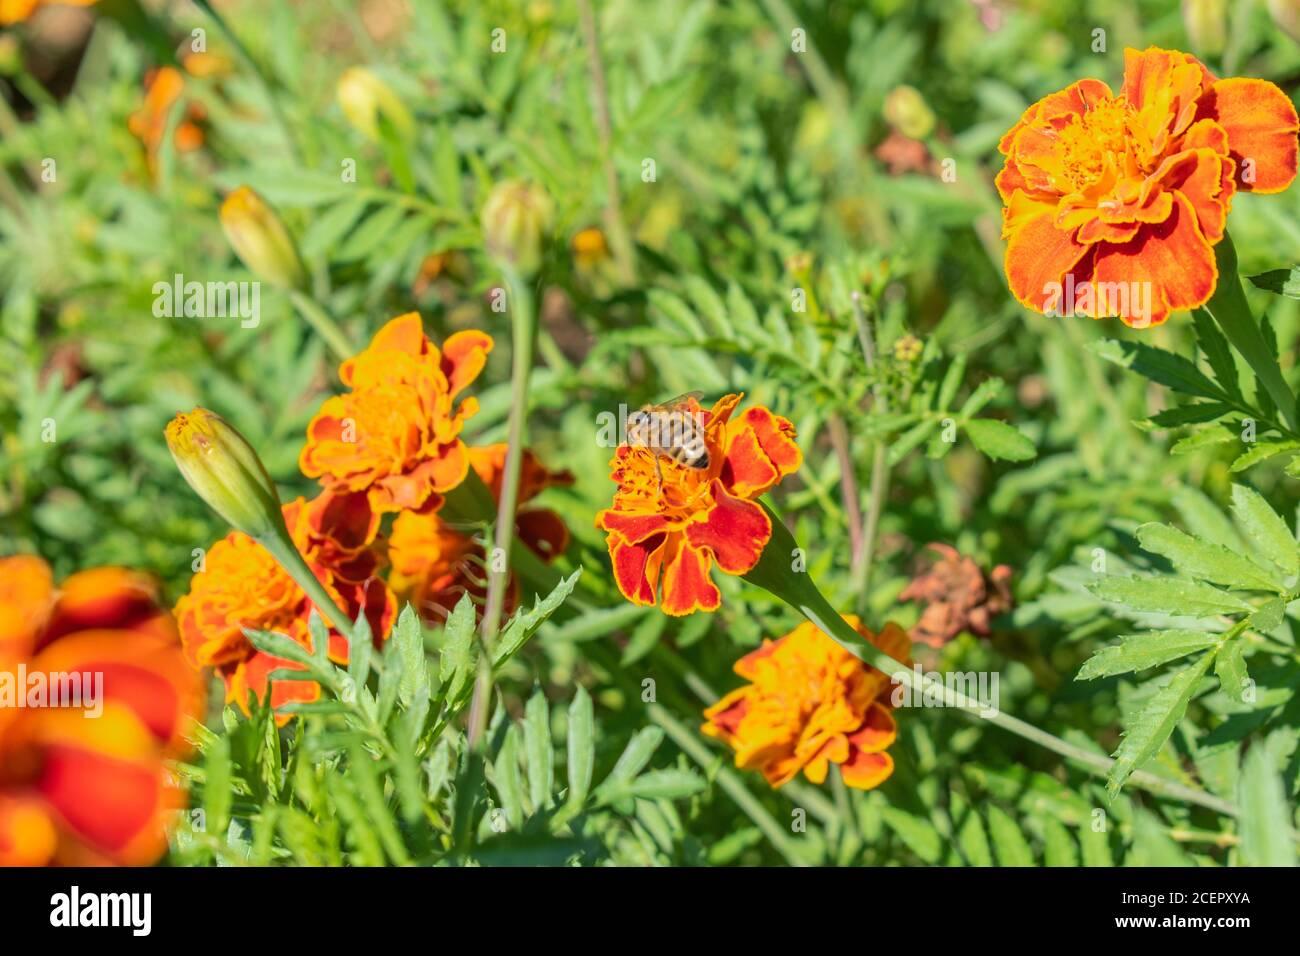 Orange flowers, French marigold, Tagetes patula Stock Photo